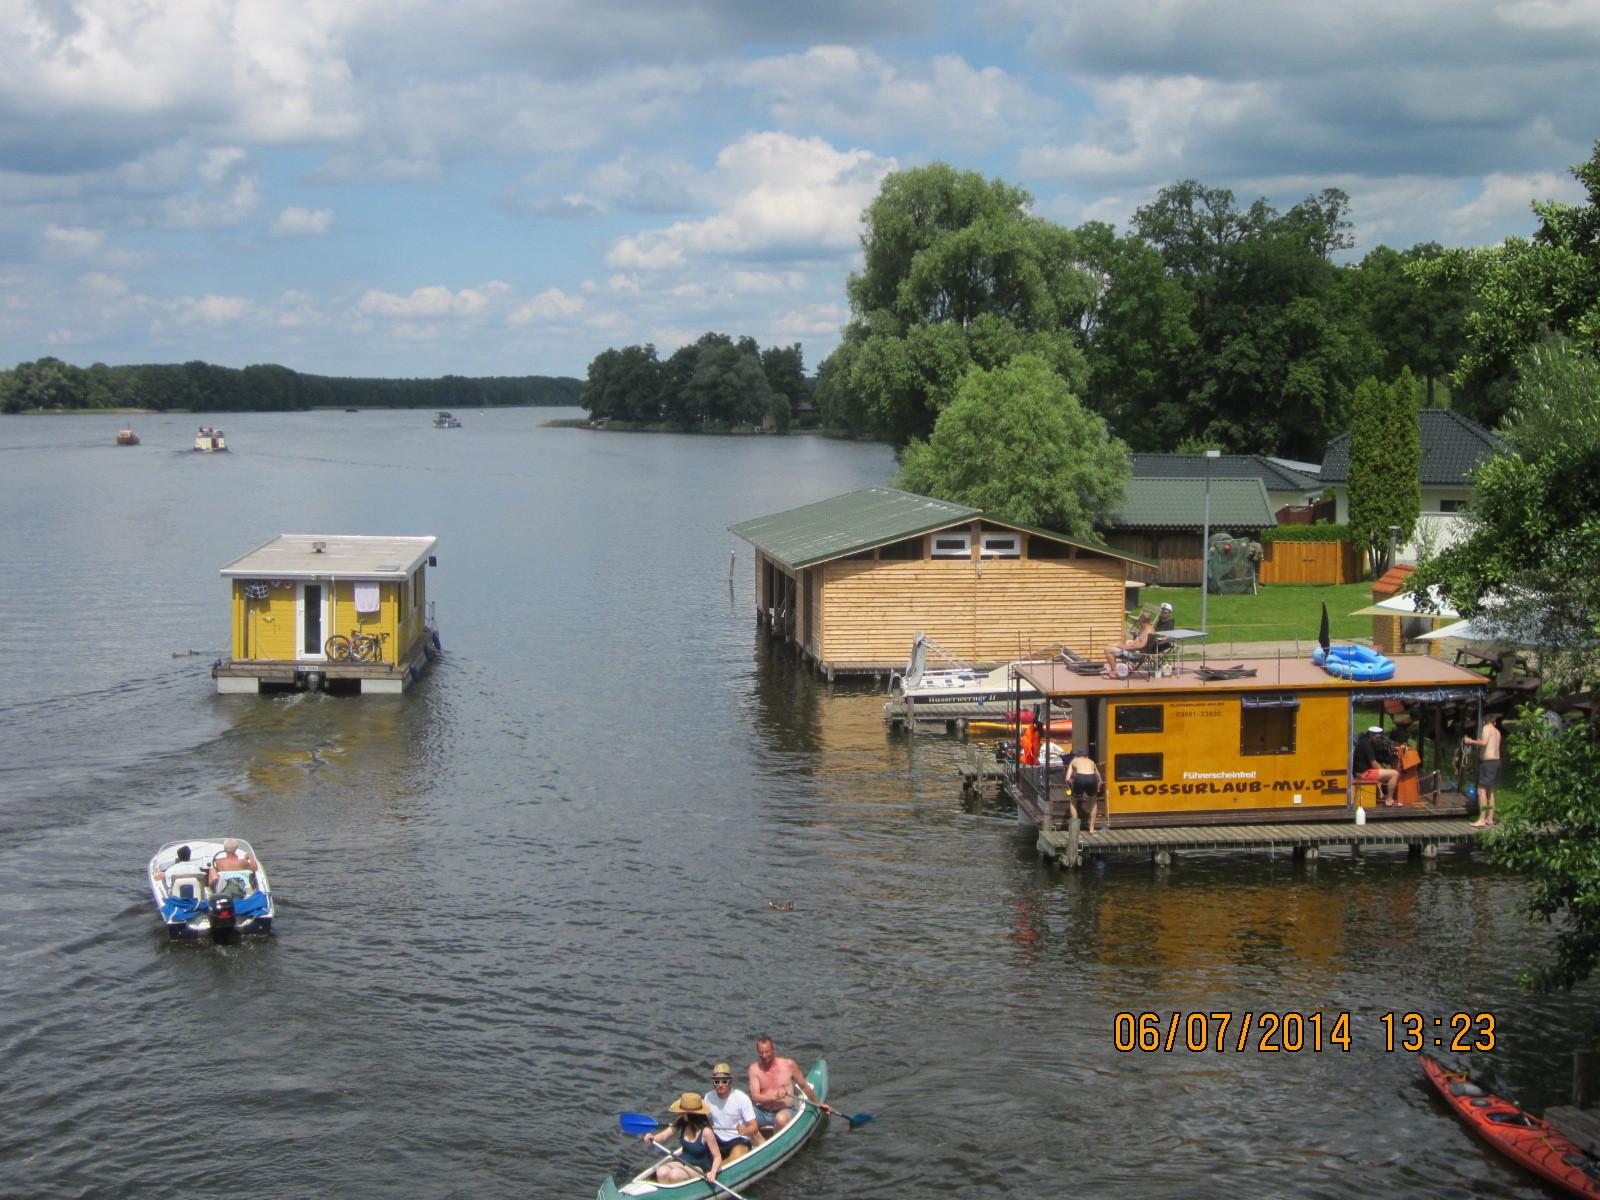 Kanal bei Mirow